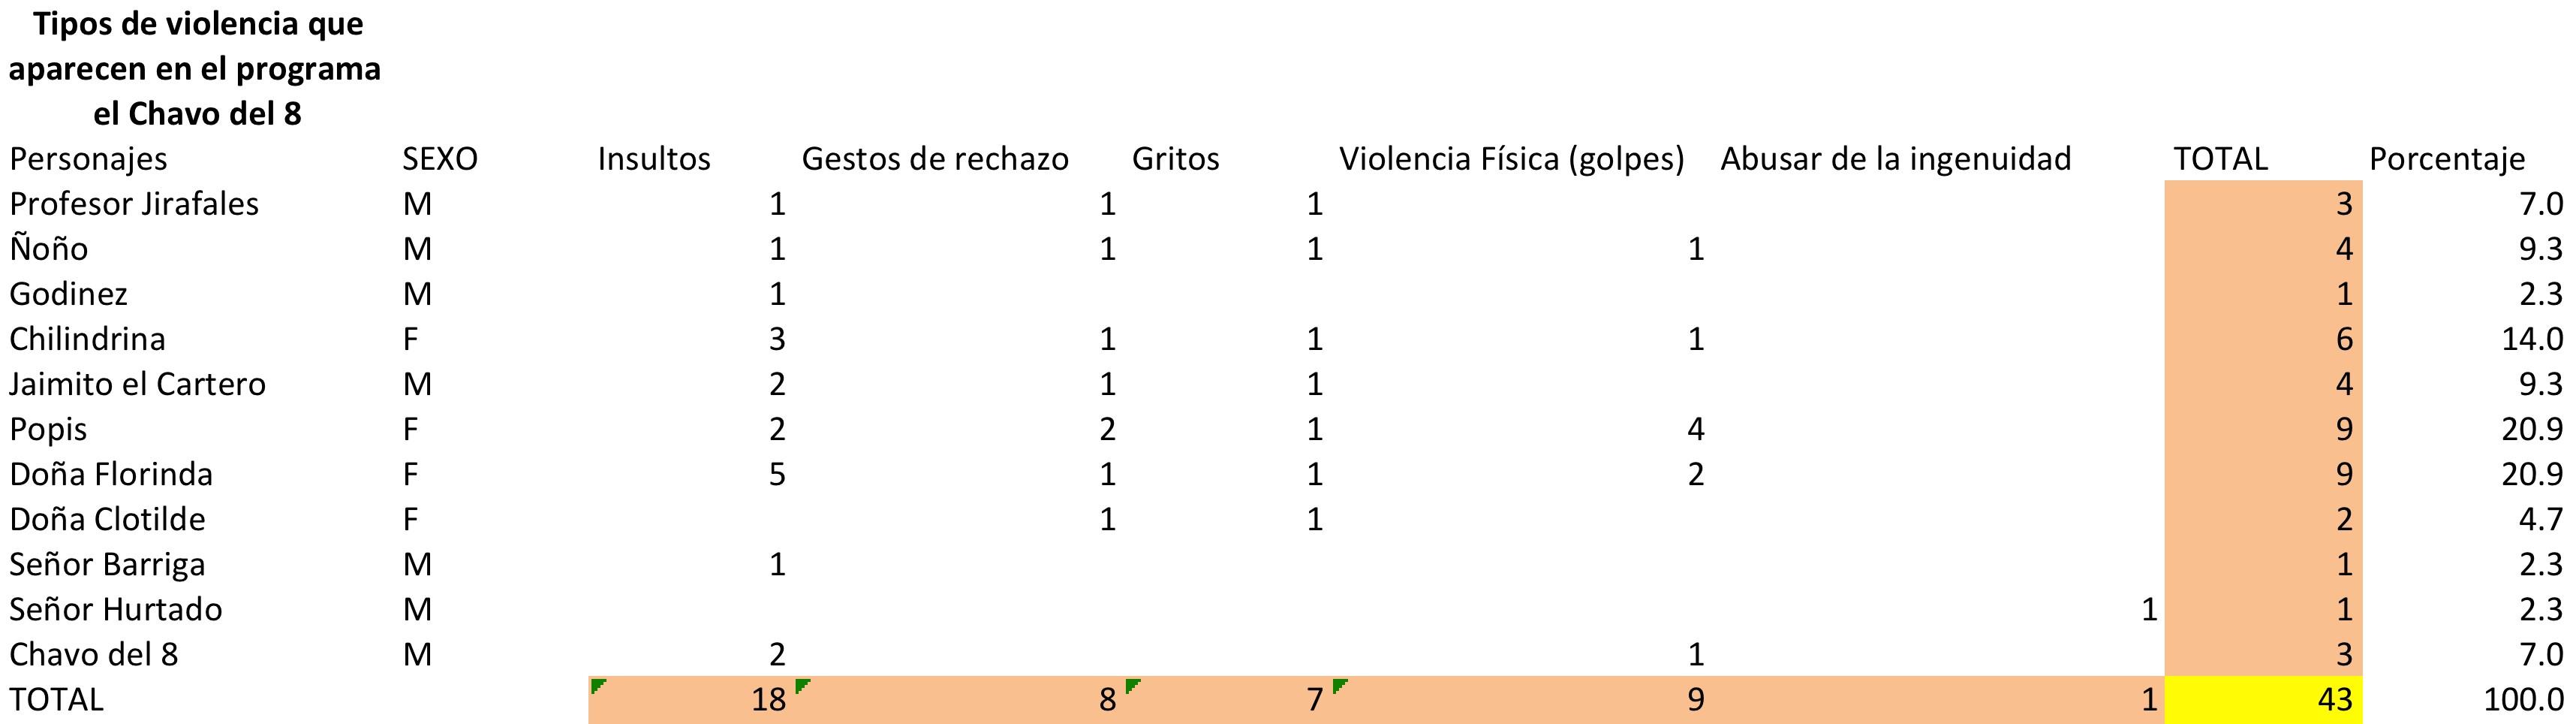 Imagen 5. Tipos de violencia que aparecen en el programa del Chavo del 8 identificados por sexo (femenino-masculino)